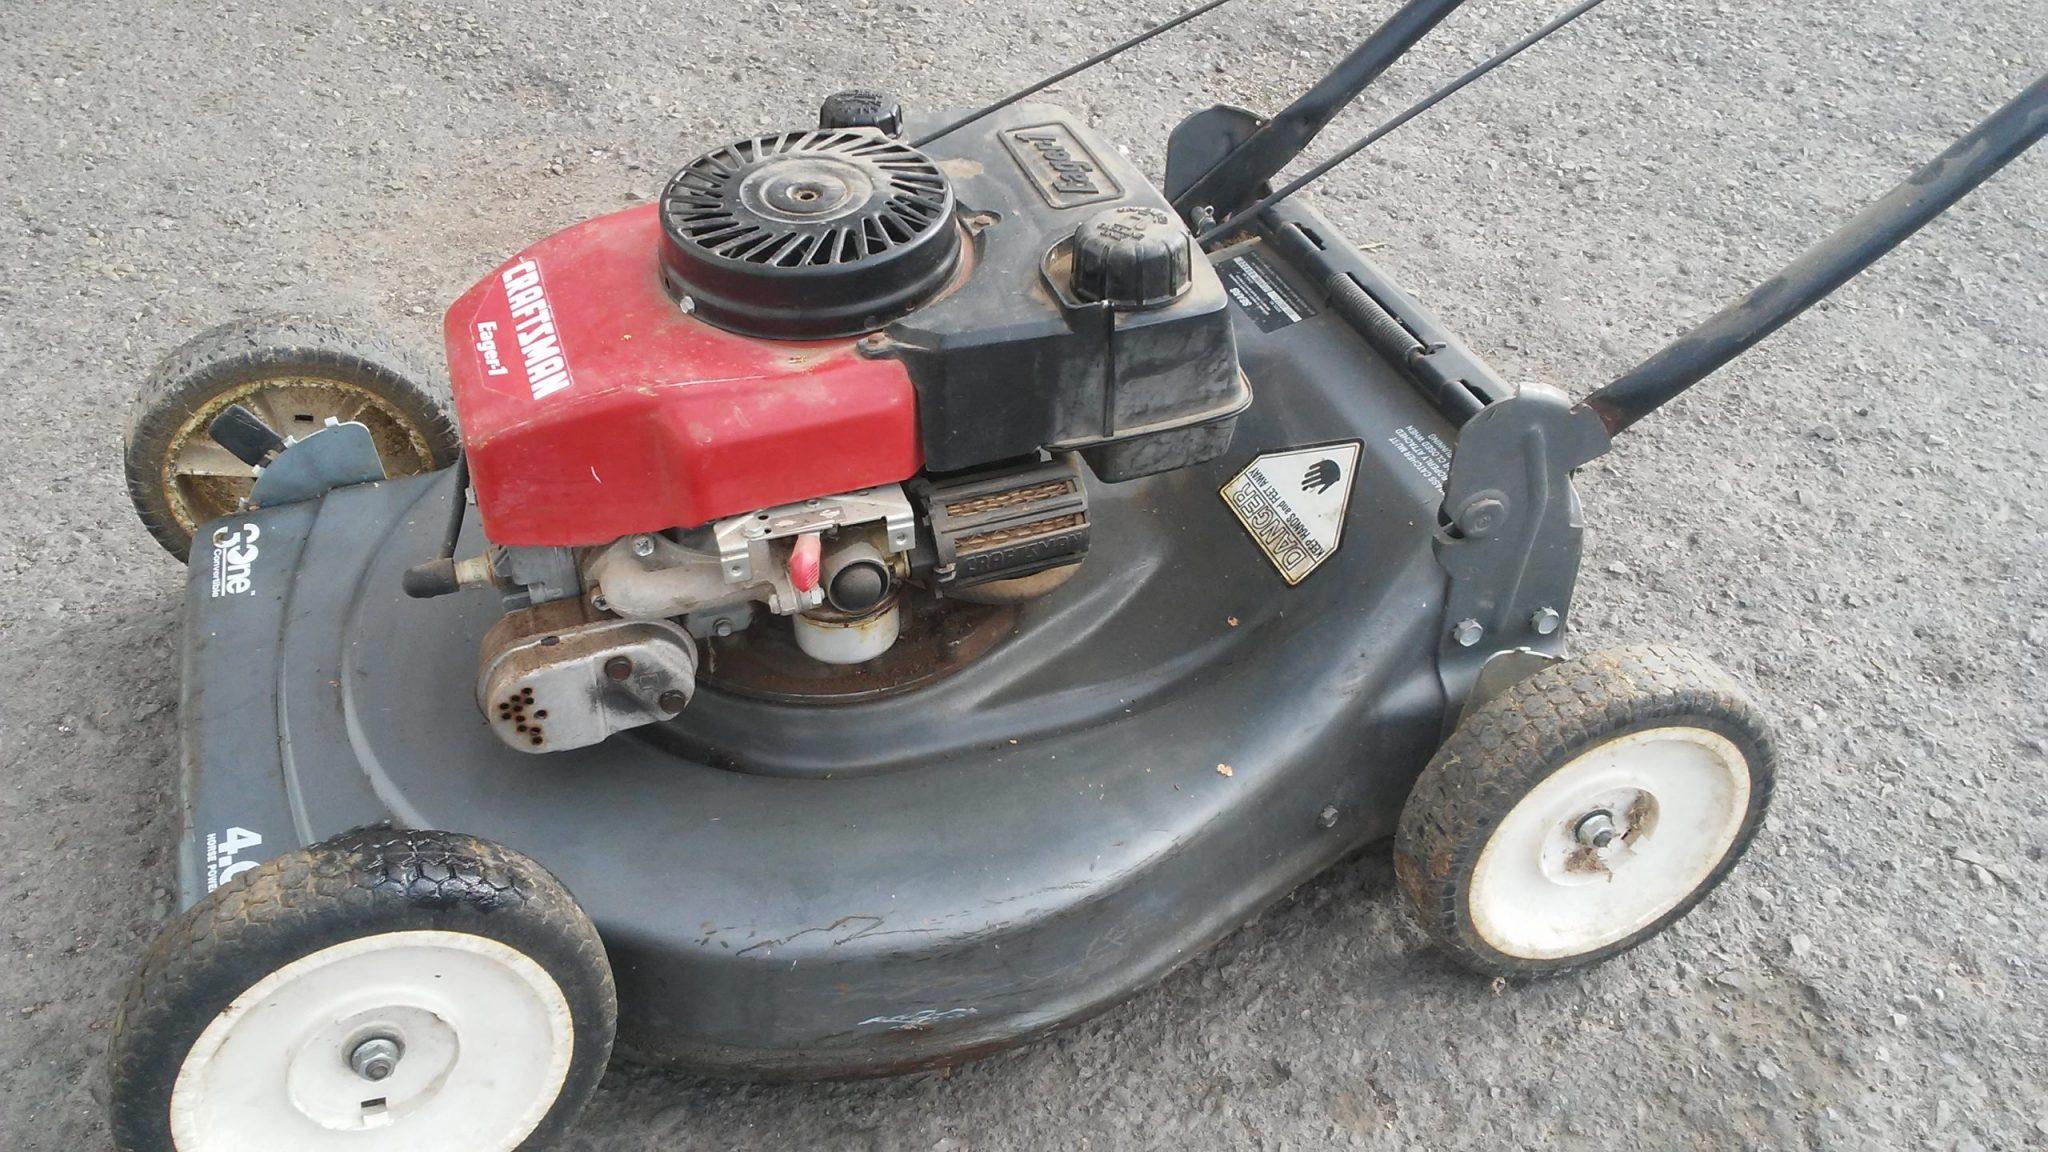 Replaces Craftsman Model 917 382771 Lawn Mower Carburetor Mower